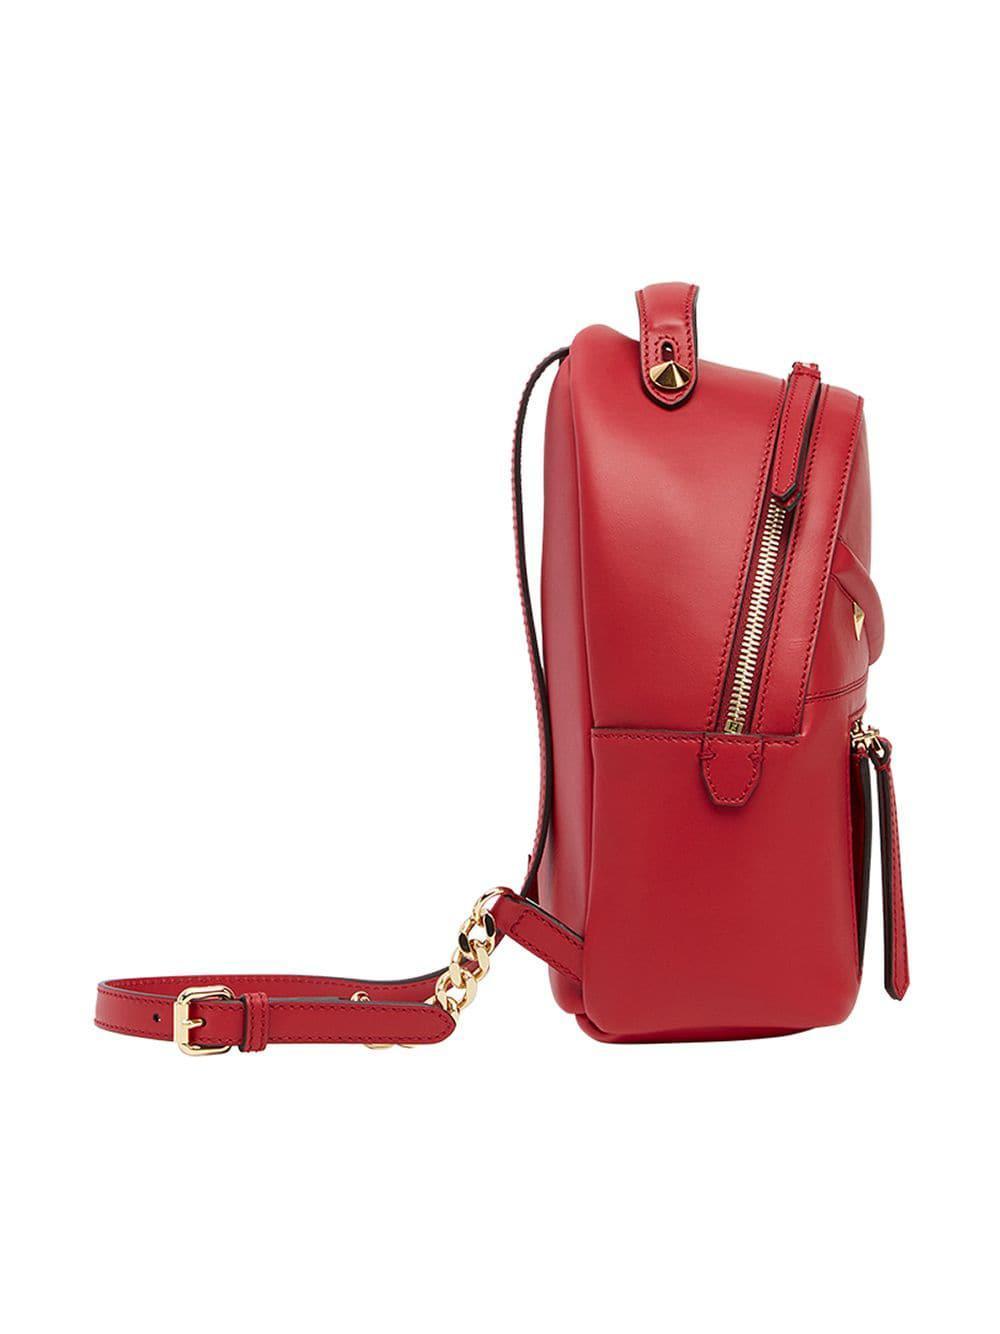 bfe3bbcb8f Lyst - Fendi Mini Backpack in Red